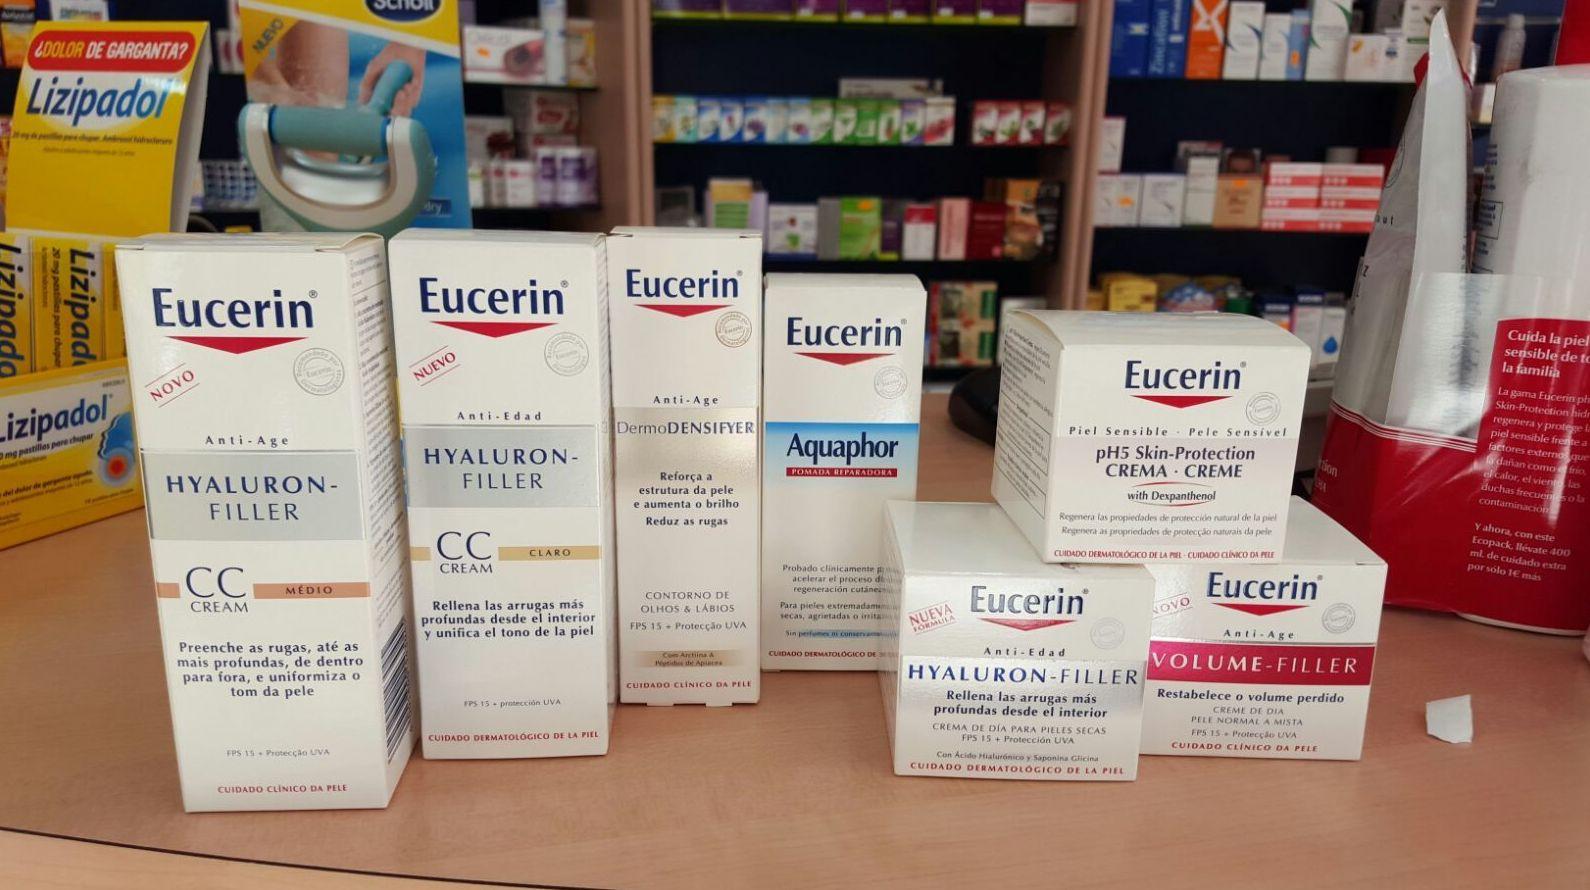 Eucerin Hyaluron – Filler : Productos y Promociones de Farmacia Lucía